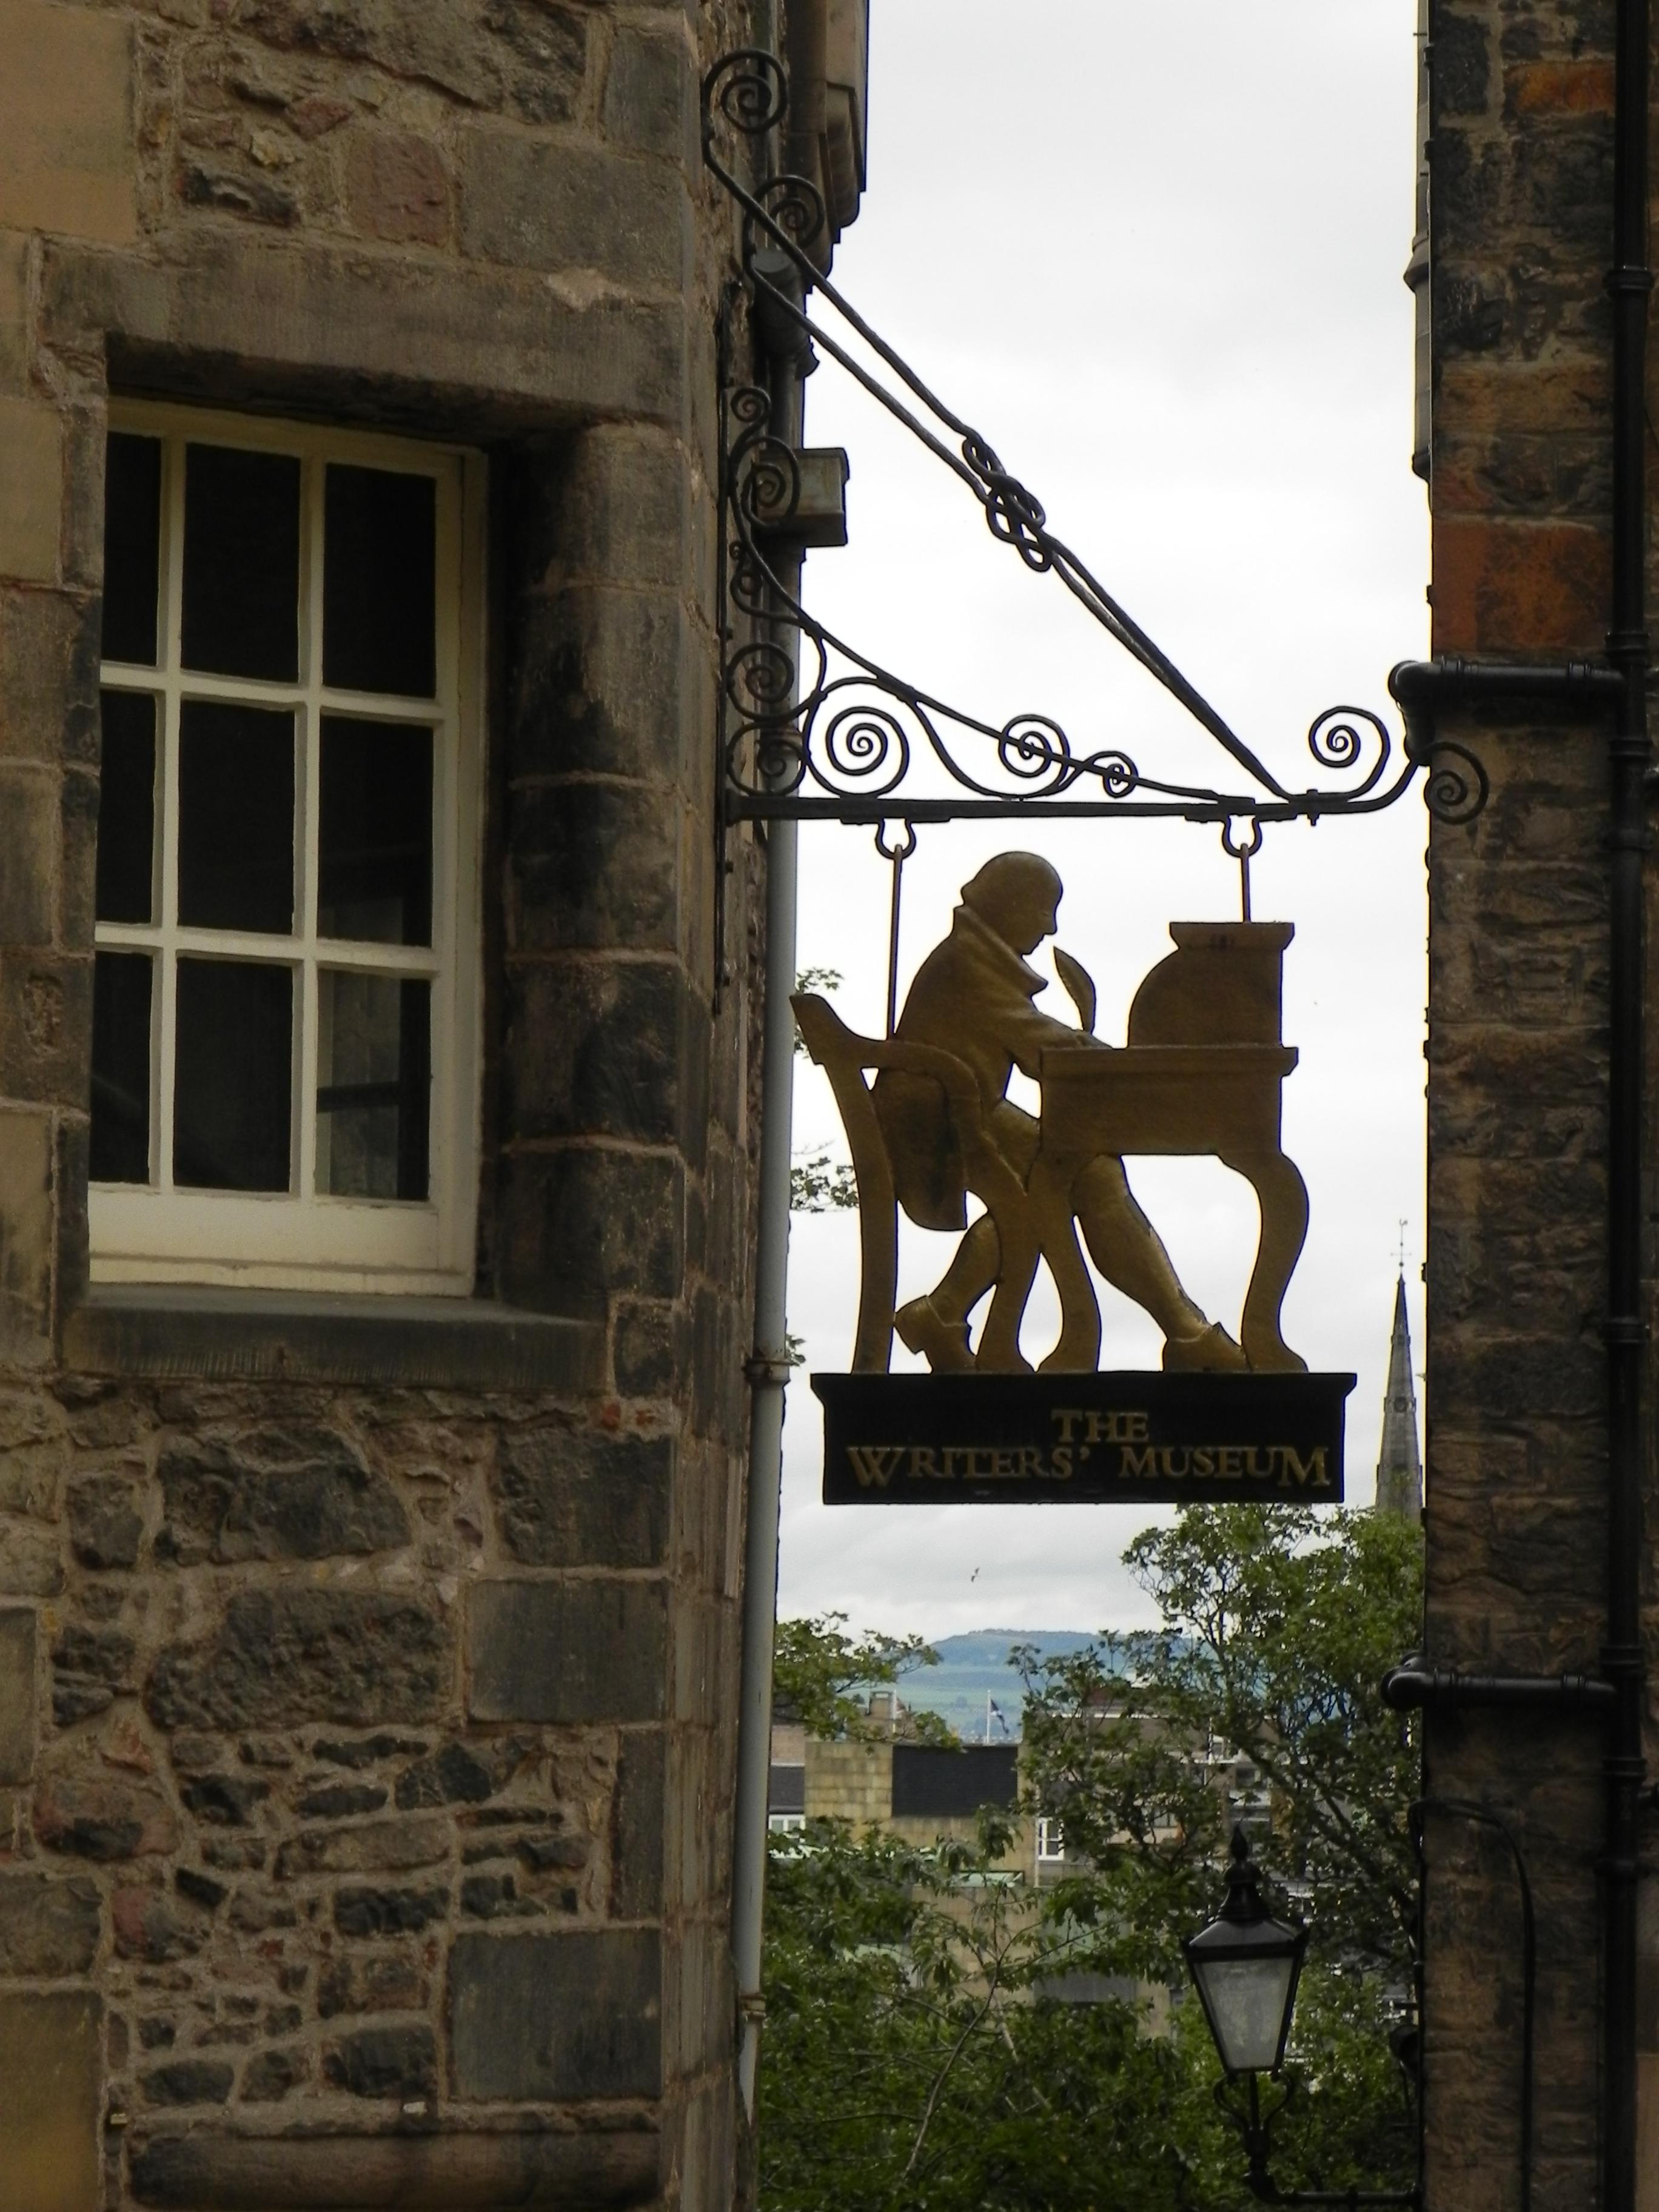 The Writers Museum Edinburgh